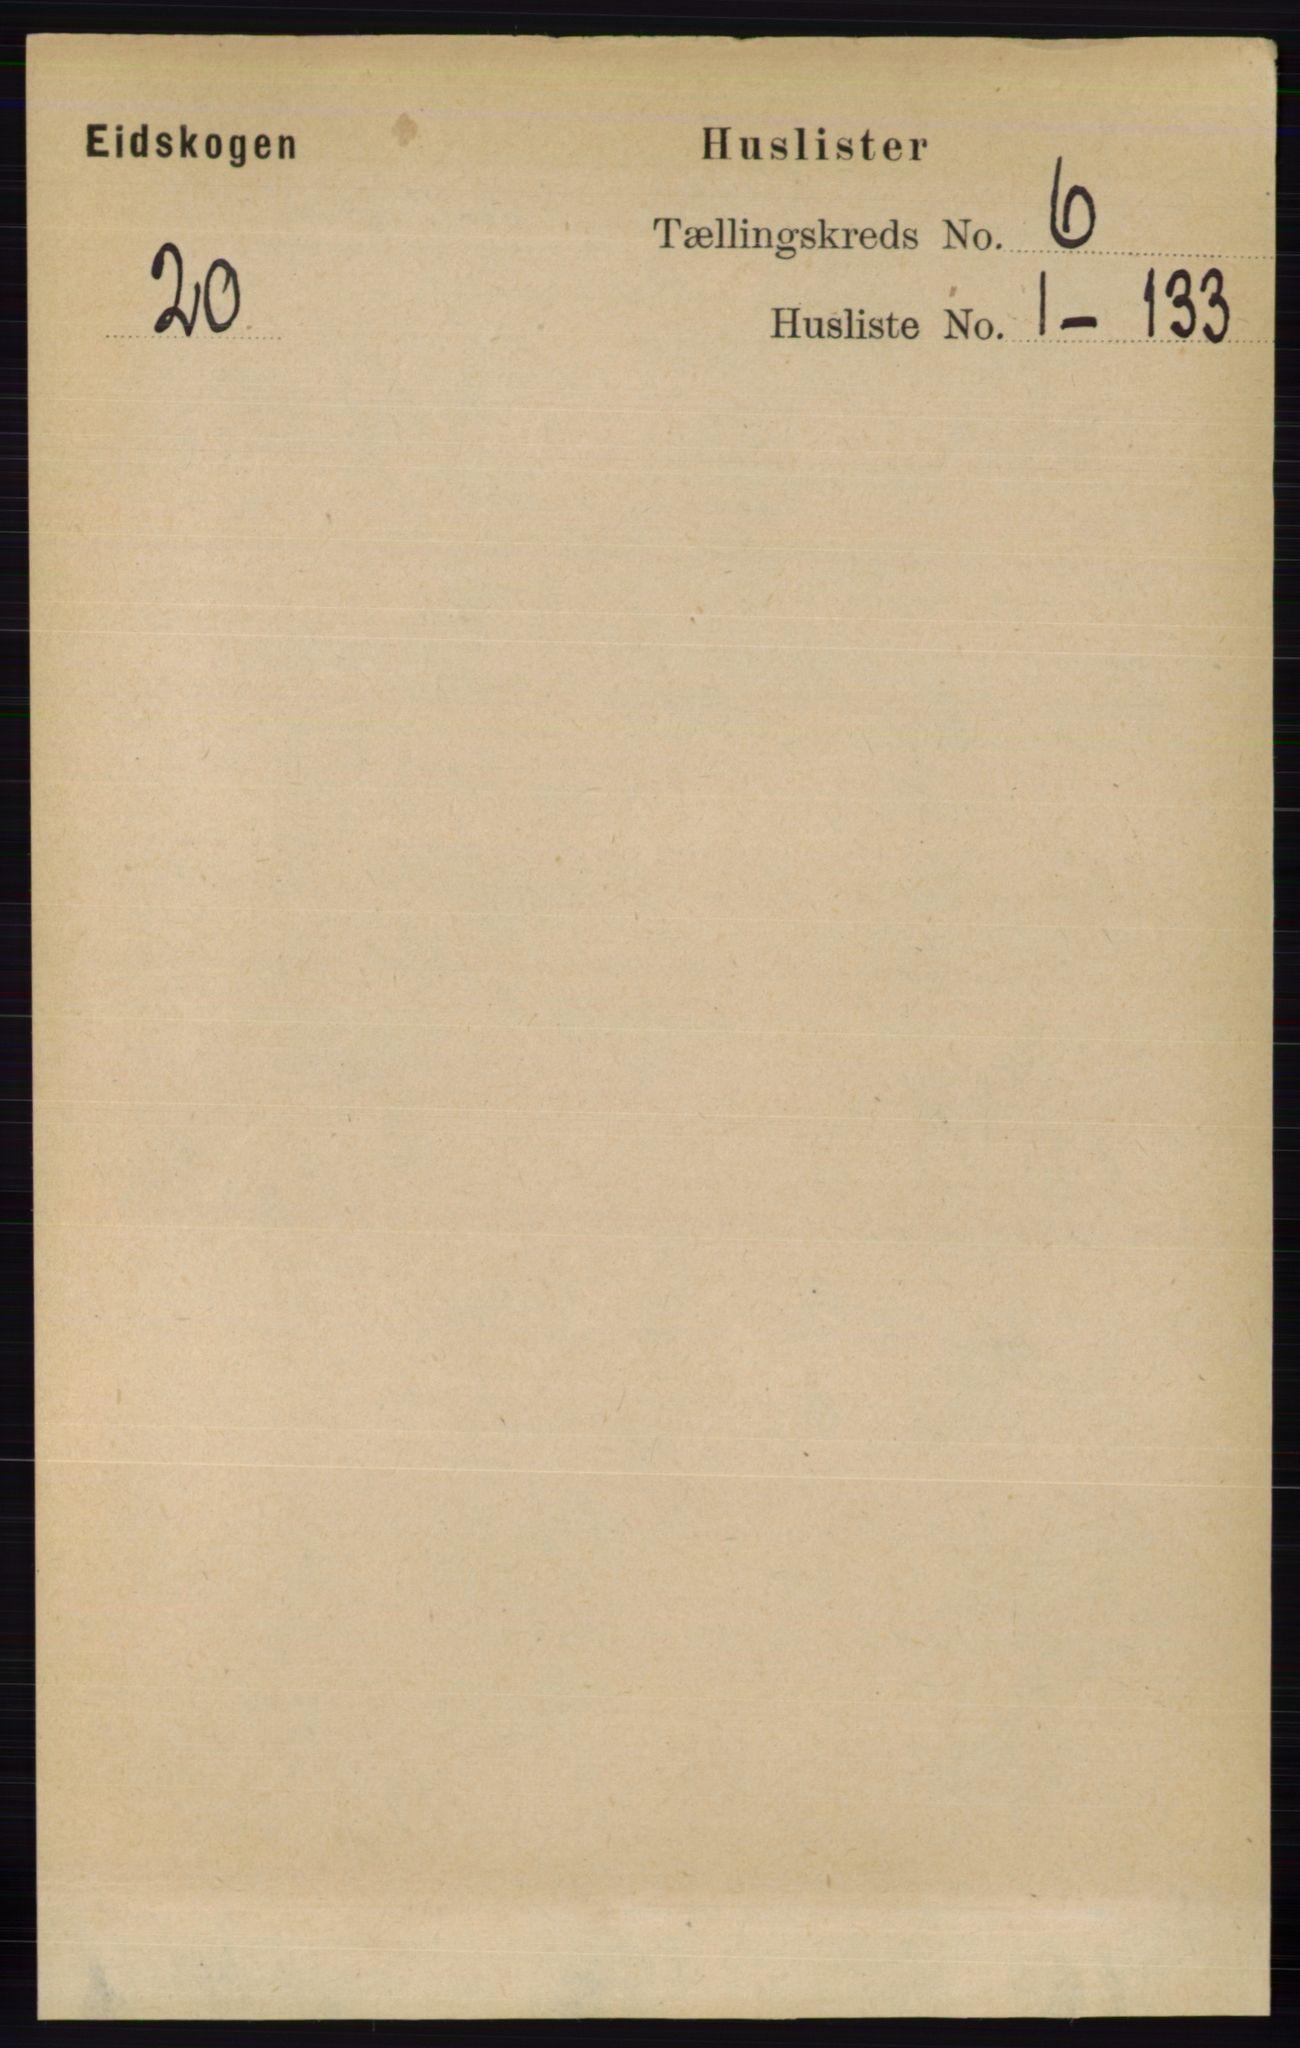 RA, Folketelling 1891 for 0420 Eidskog herred, 1891, s. 2711